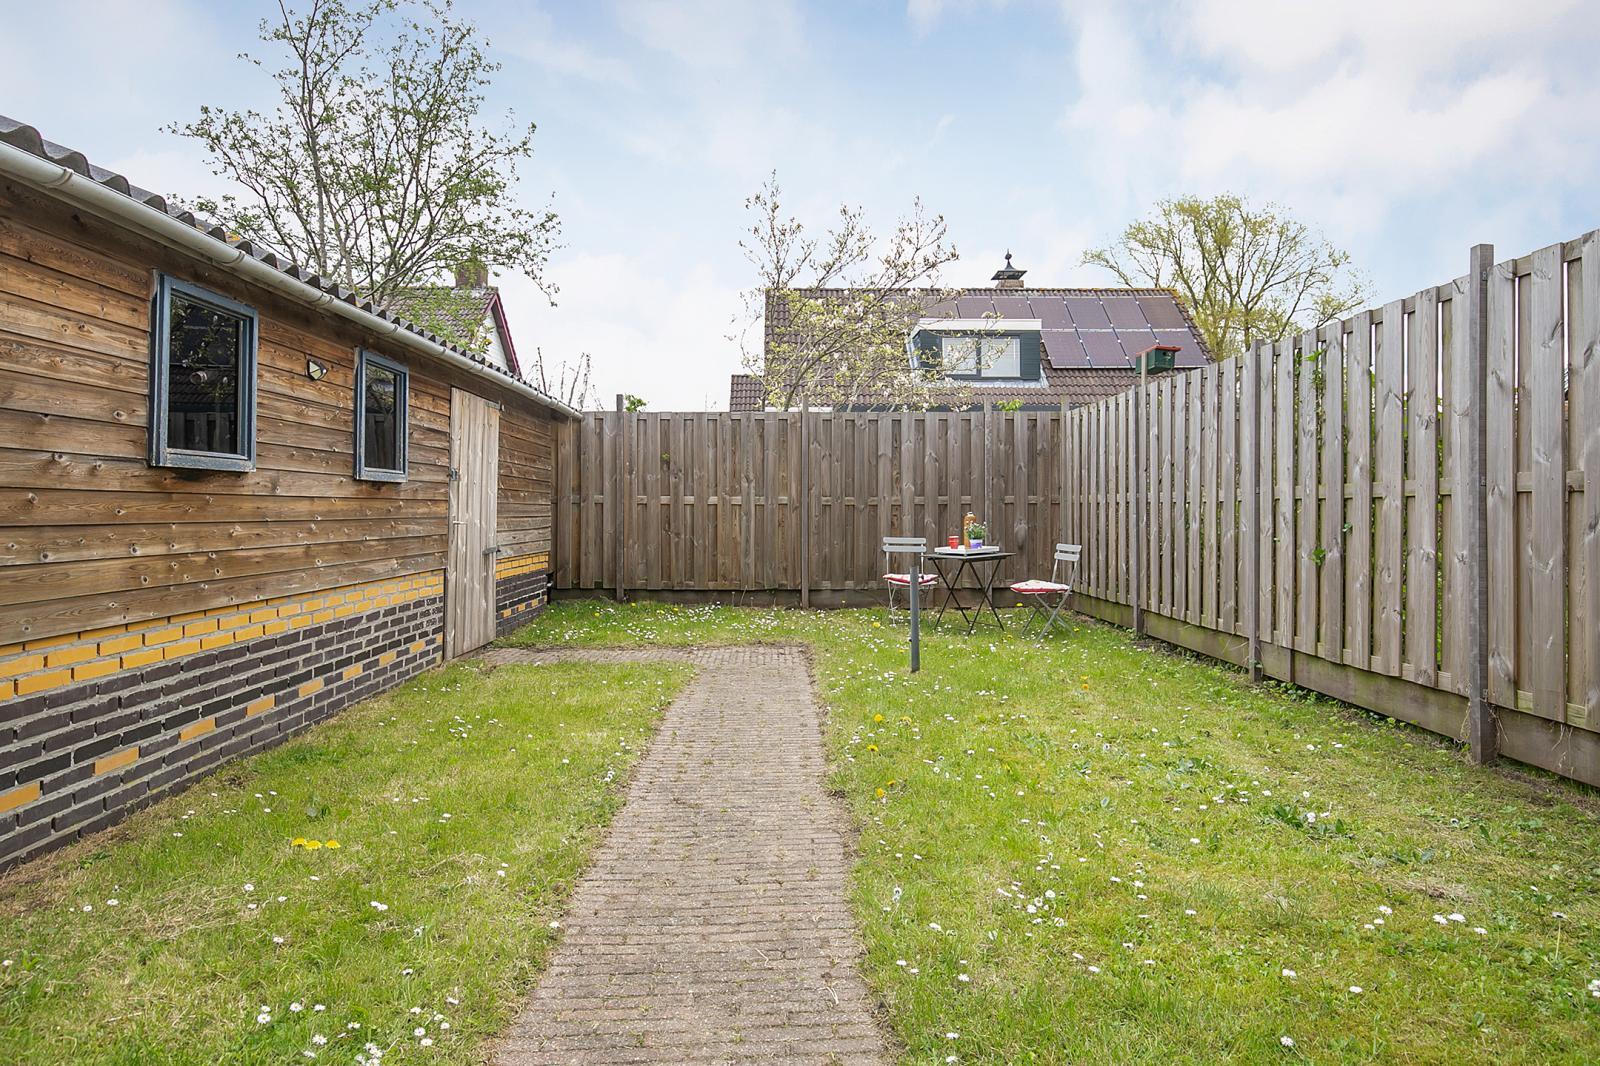 zeino-van-burmaniastrjitte-5-oppenhuizen-1210